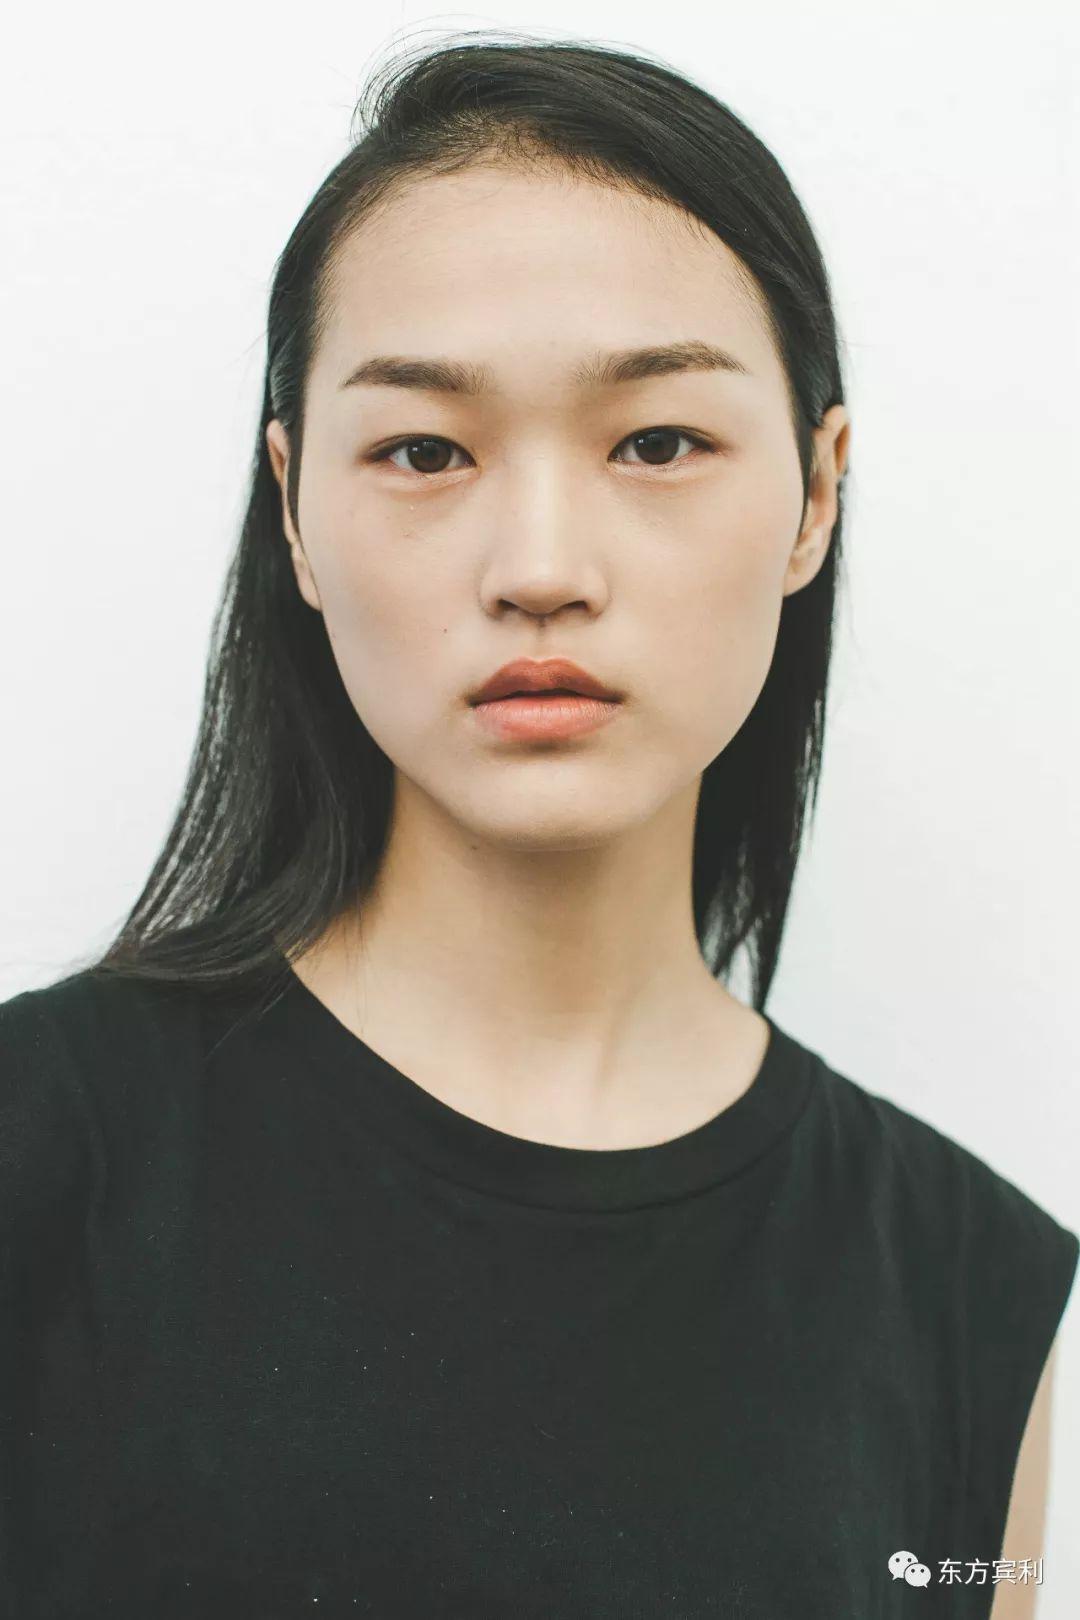 蔡冠男参加中国职业模特大赛 荣获亚军出道, 签约东方宾利 是她首次